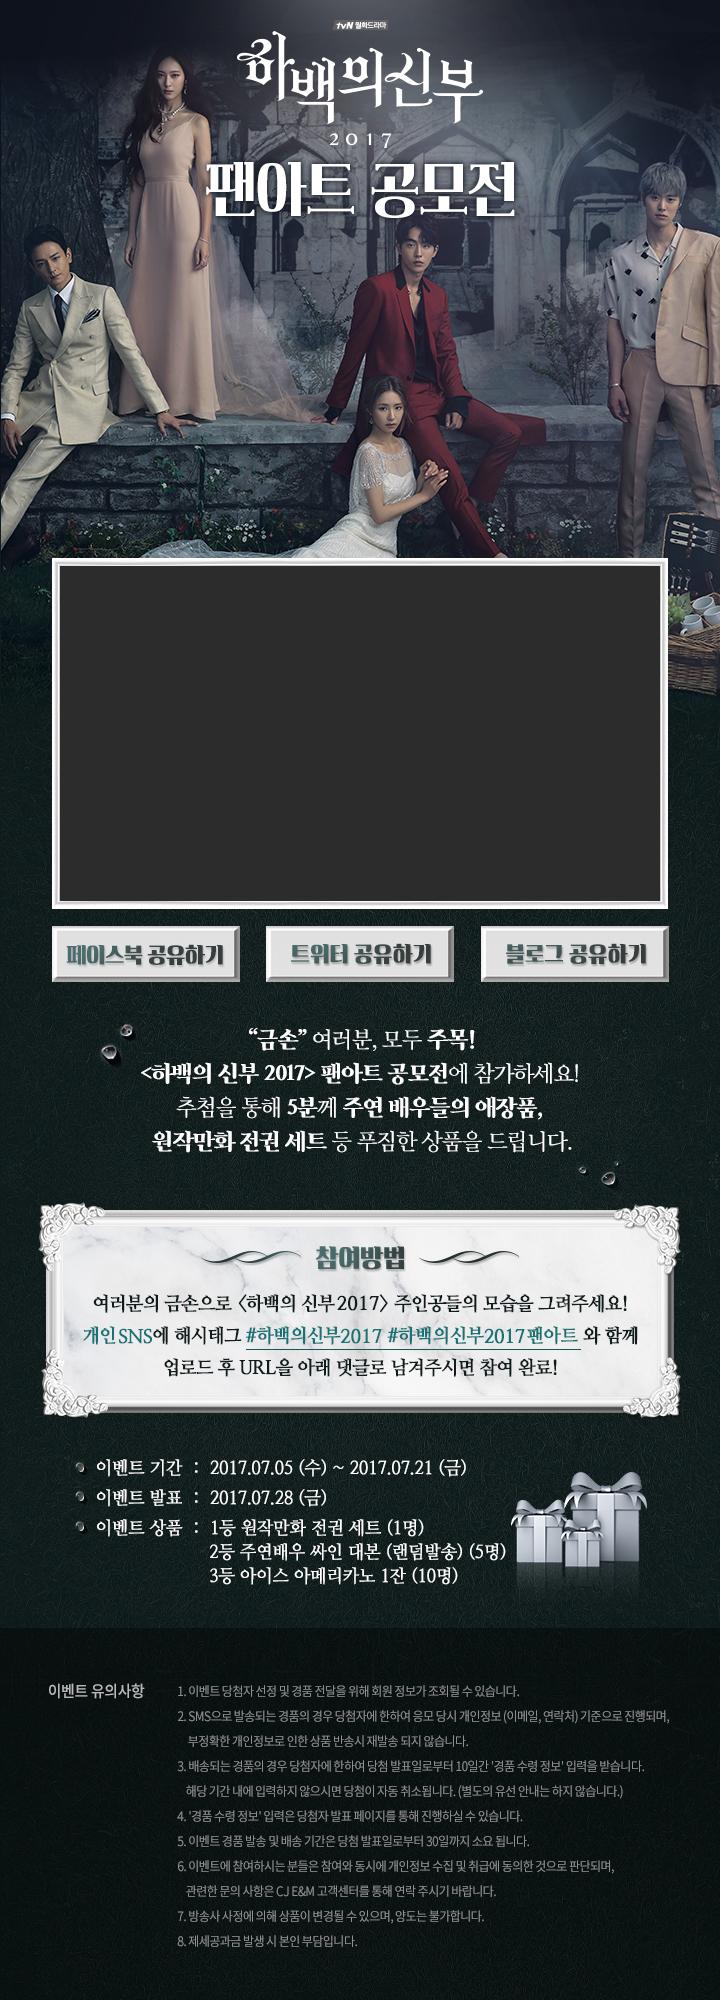 [하백의 신부2017] 팬아트 이벤트